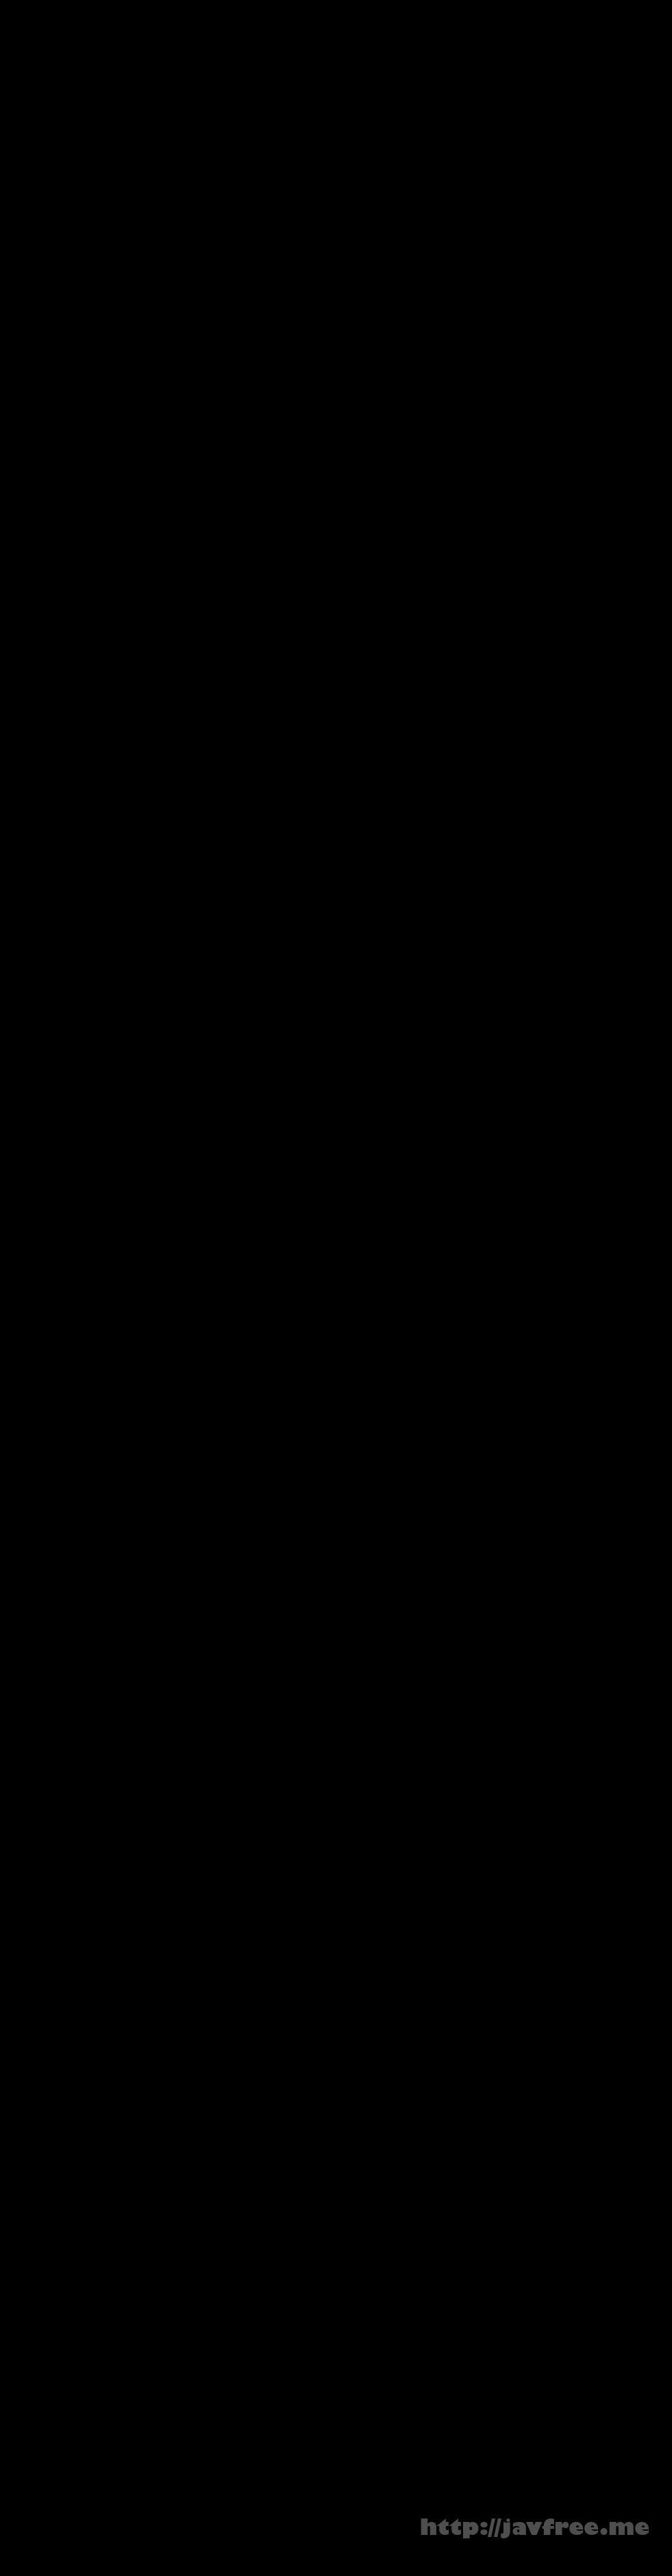 [HD][MVSD-419] 10代最後のプレミア剛毛オマ○コいただきまぁ~す クンニマスターおじさんの舐めテクでアクメ堕ち!ついでに無許可中出し! 奏音かのん - image kb1606s on https://javfree.me